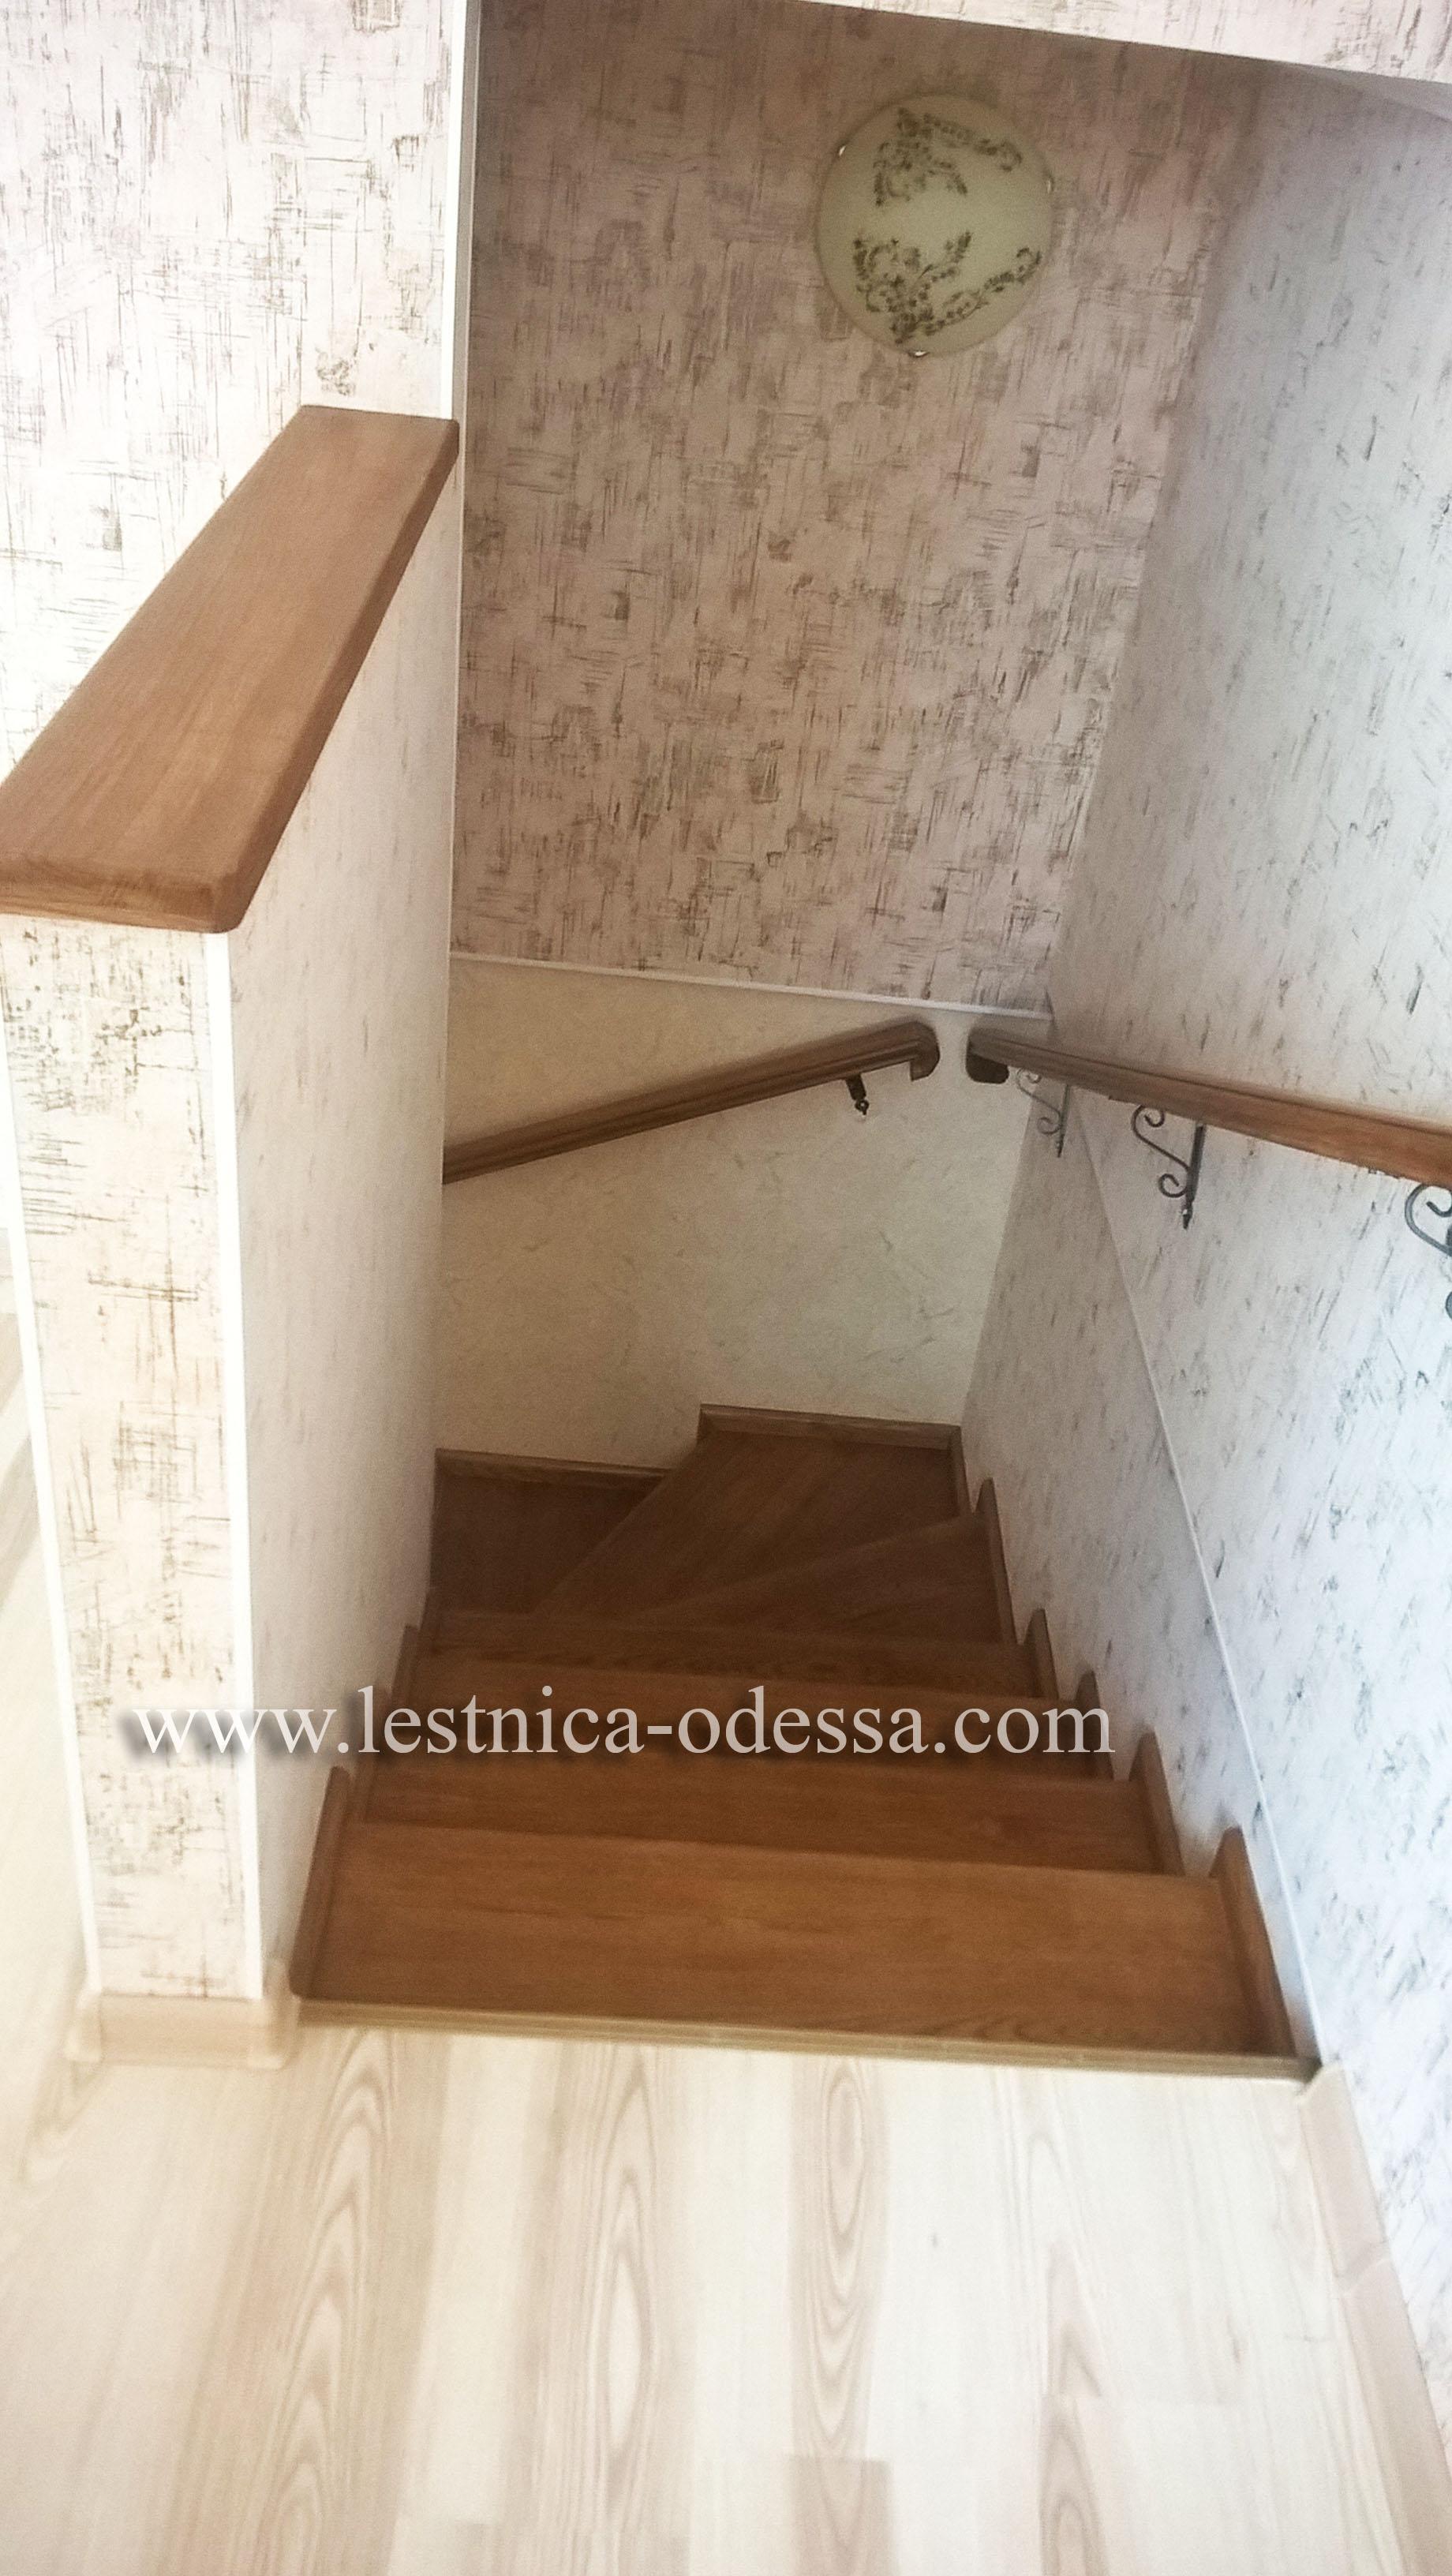 Цены на виды работ Прайс лист - Лестницы в гЛуховицы